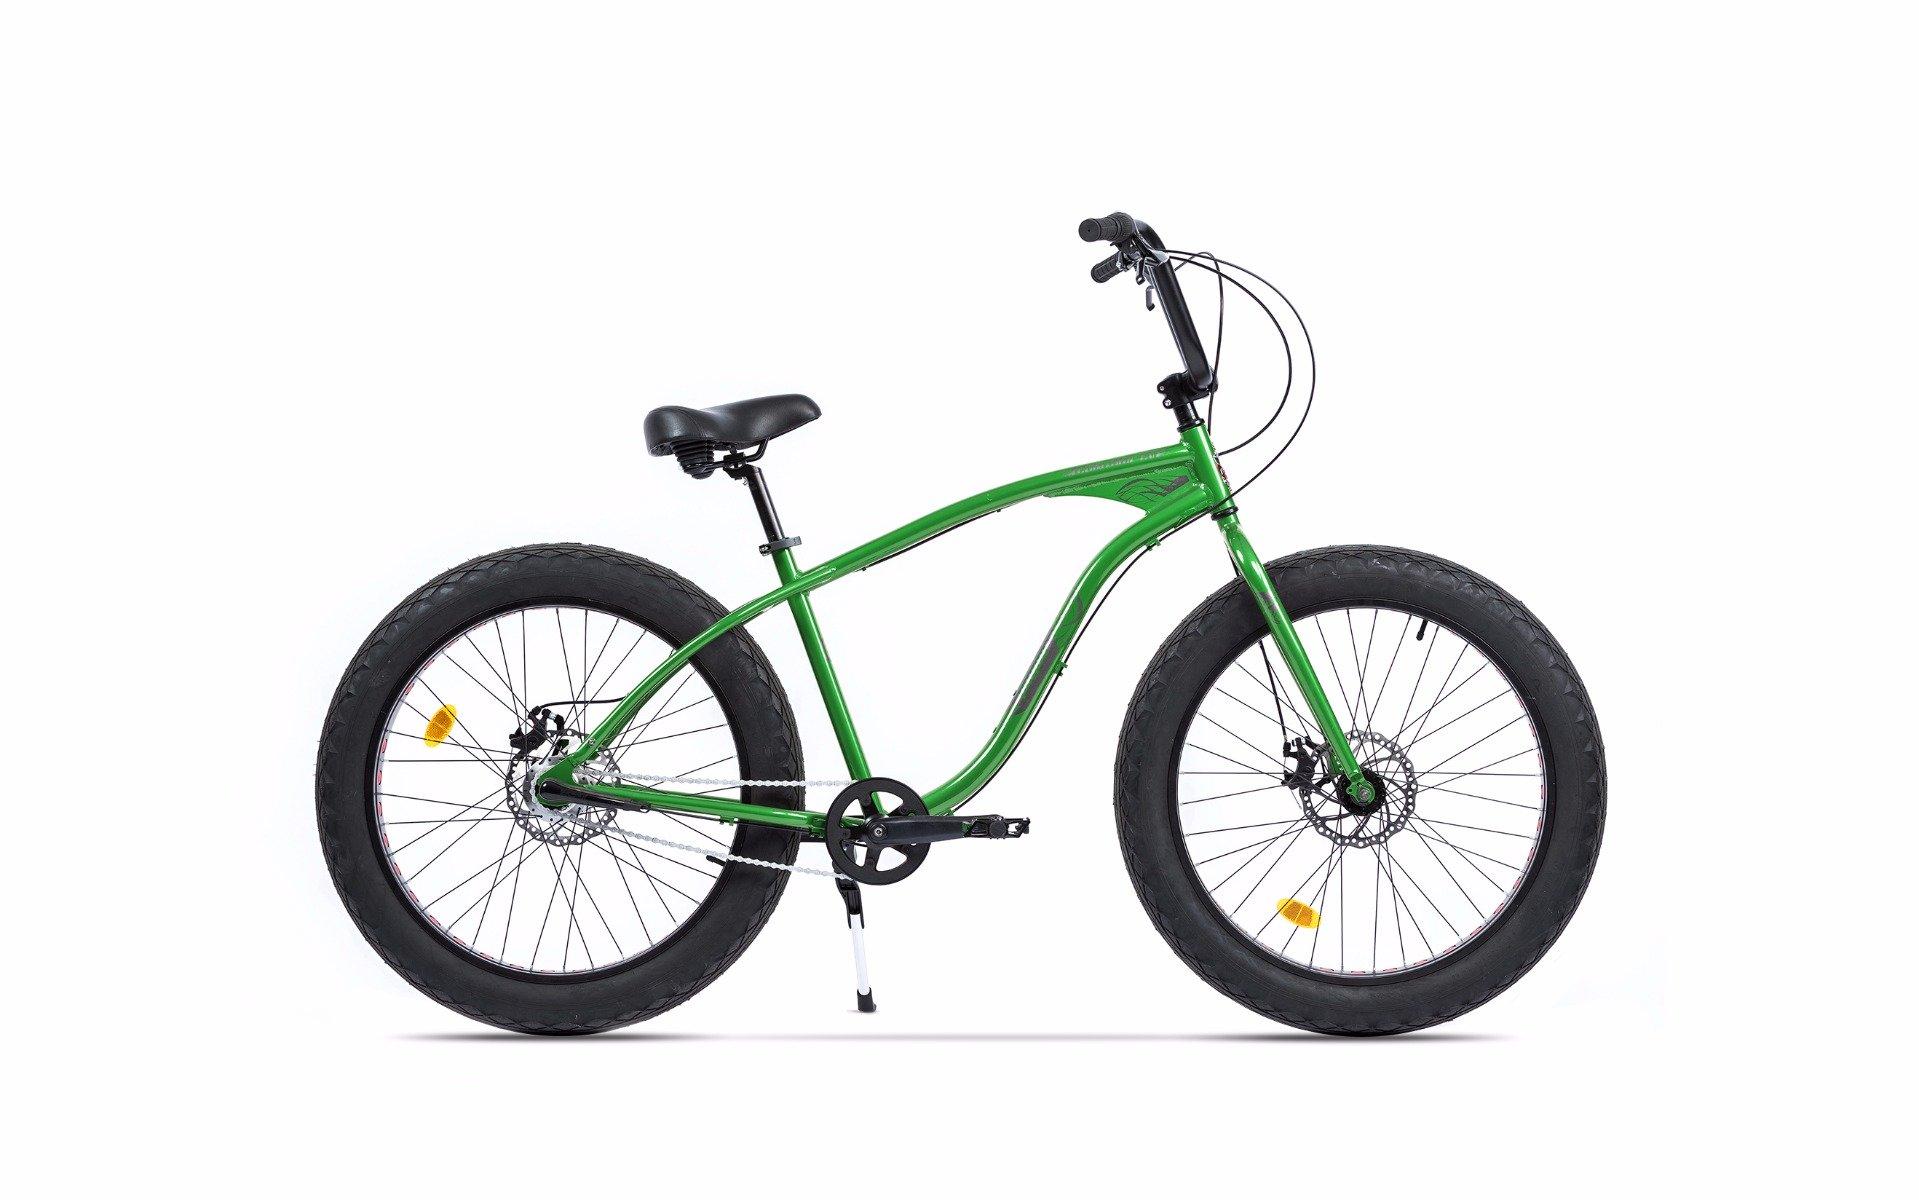 Cutezator Ev 2018 - Verde Smarald